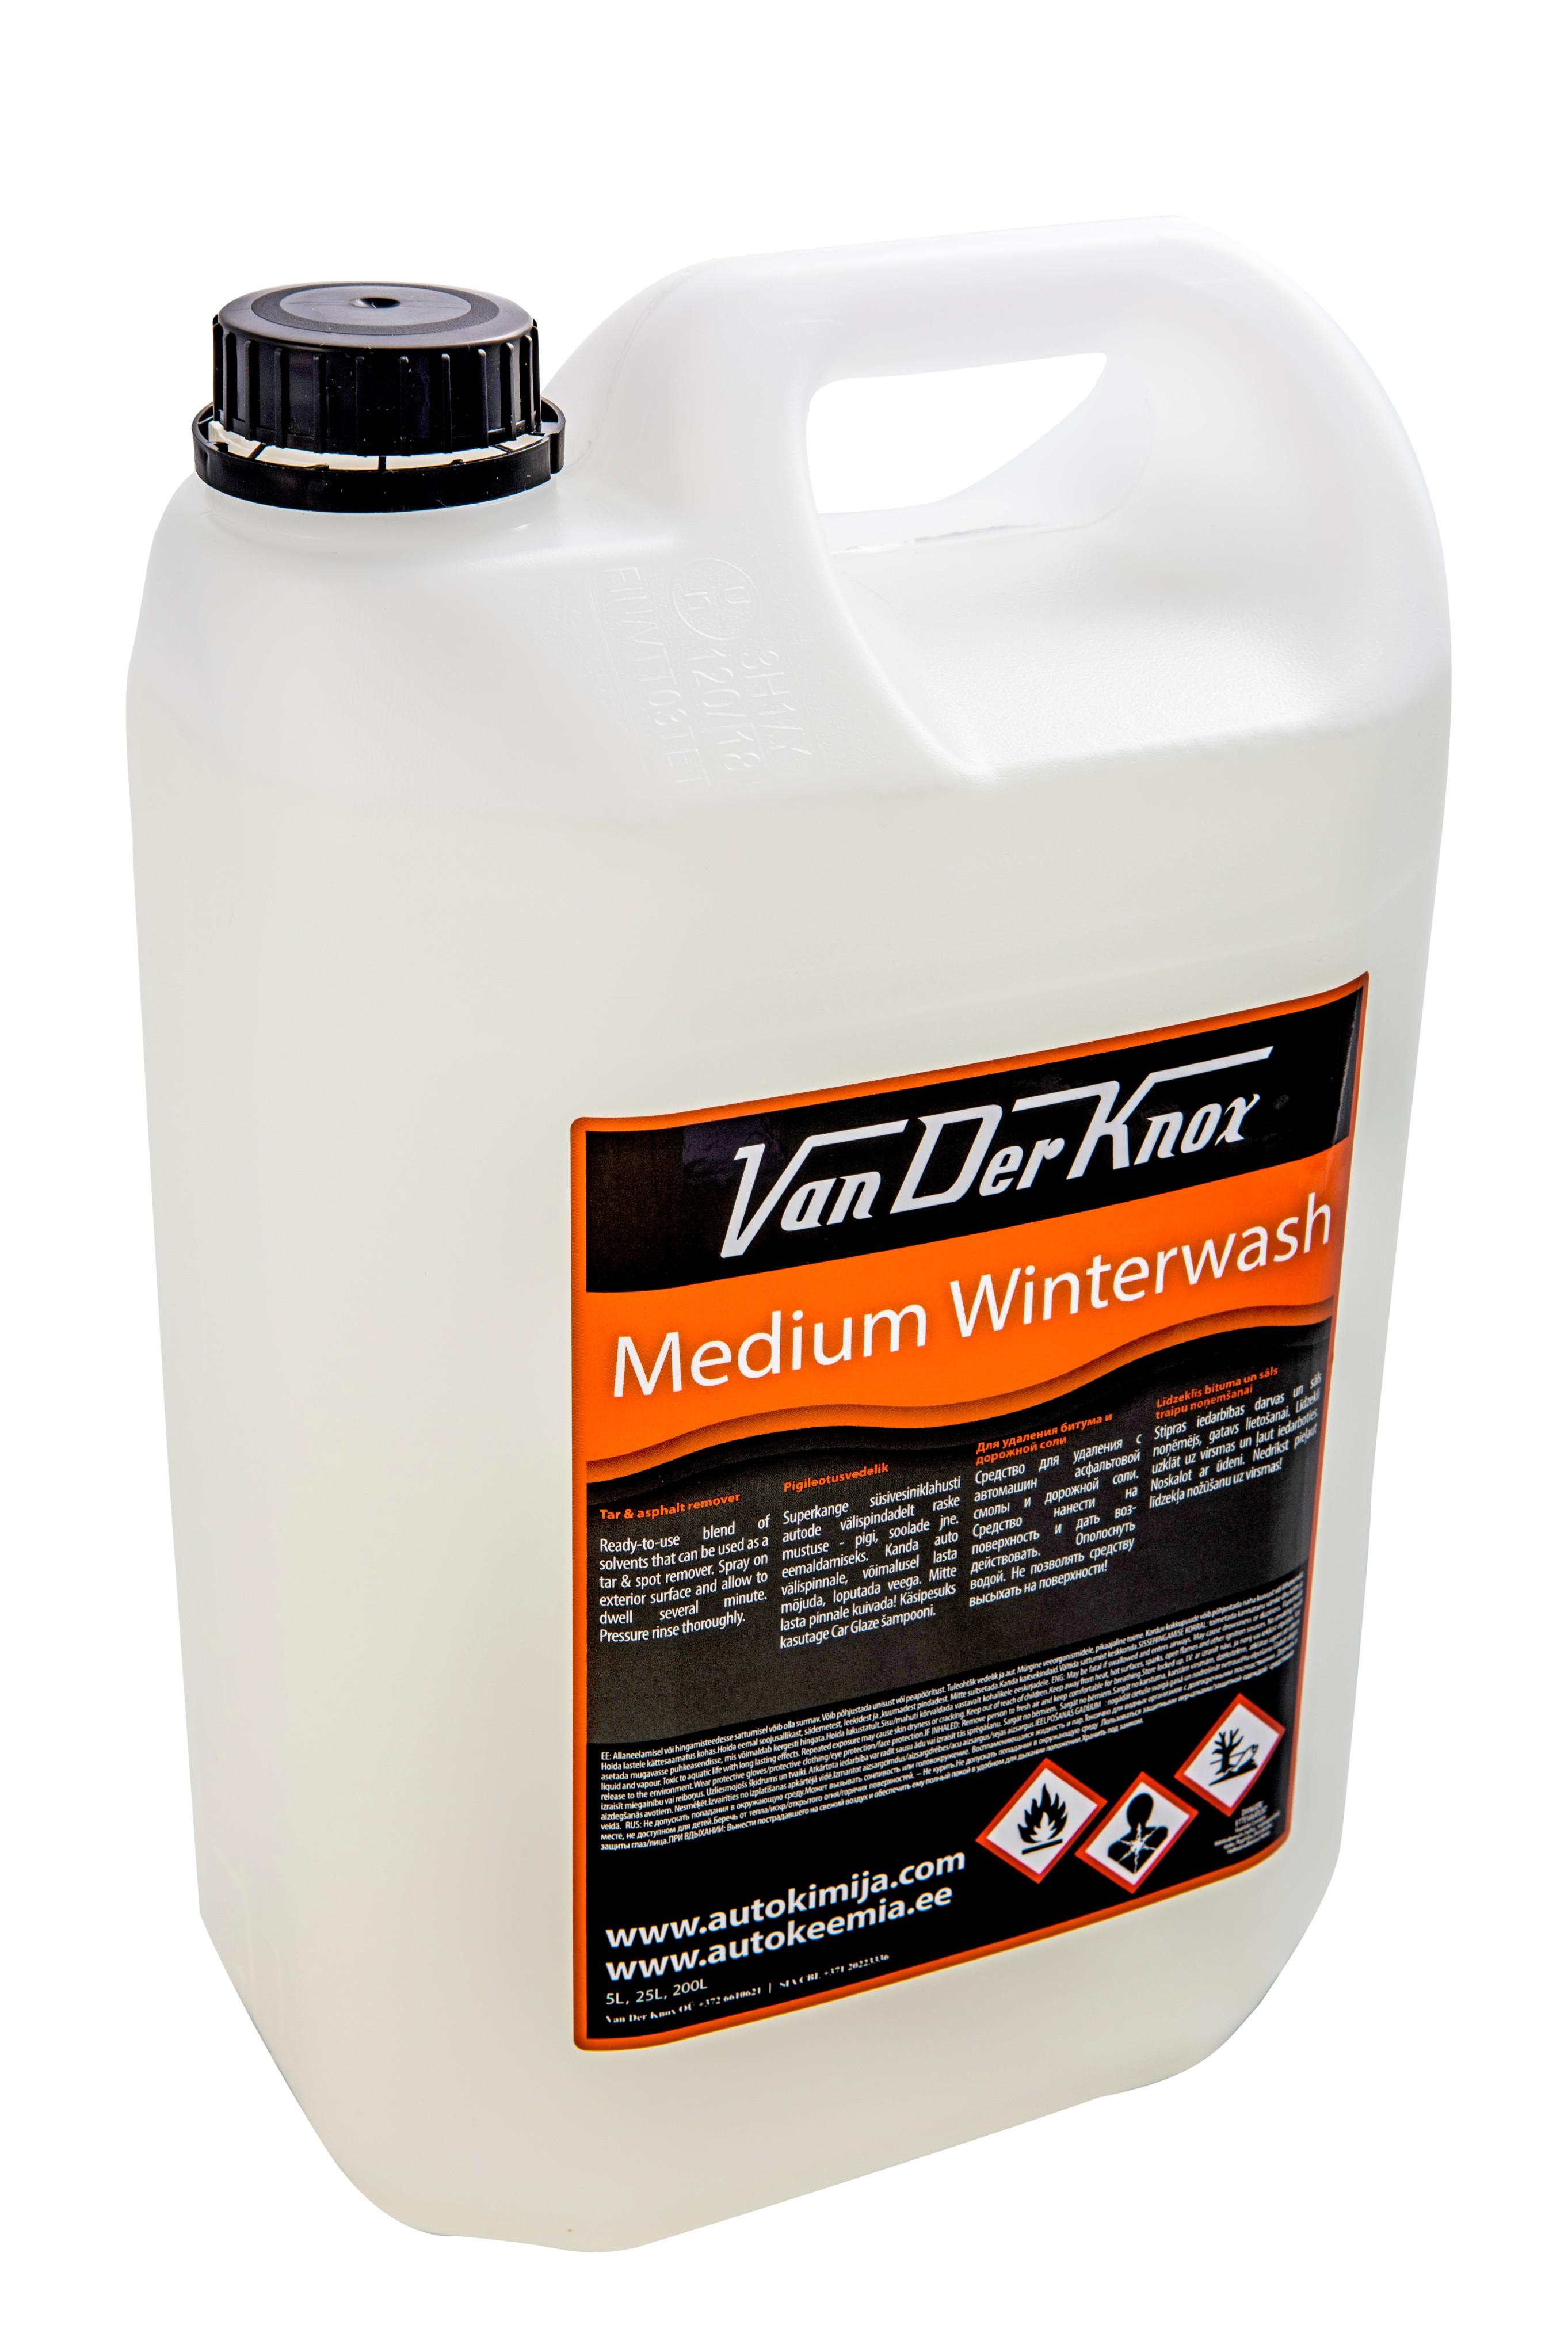 MEDIUM WINTERWASH - Van Der Knox - tugevatoimeline pigileotusvahend - pigieemaldi - pigieemaldaja - antibituumen